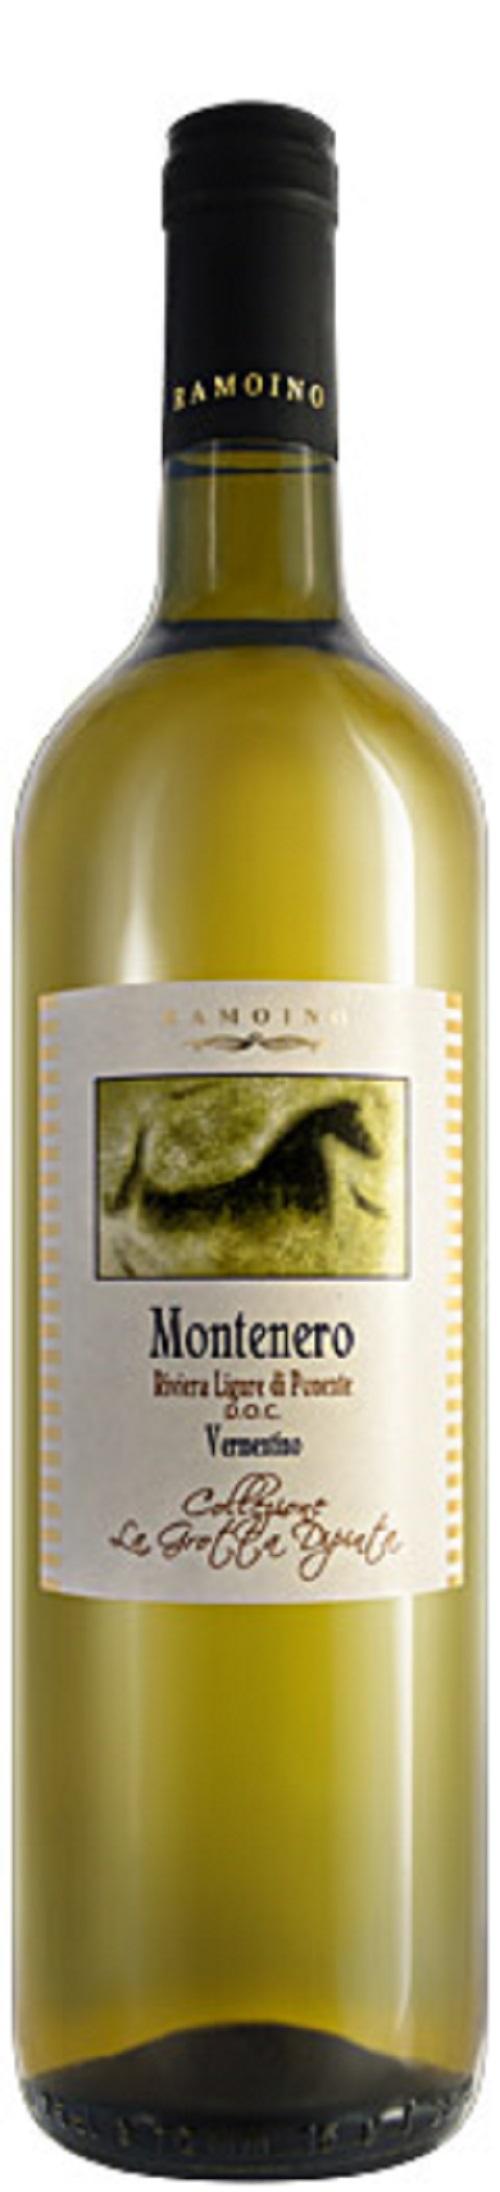 vino-montenero